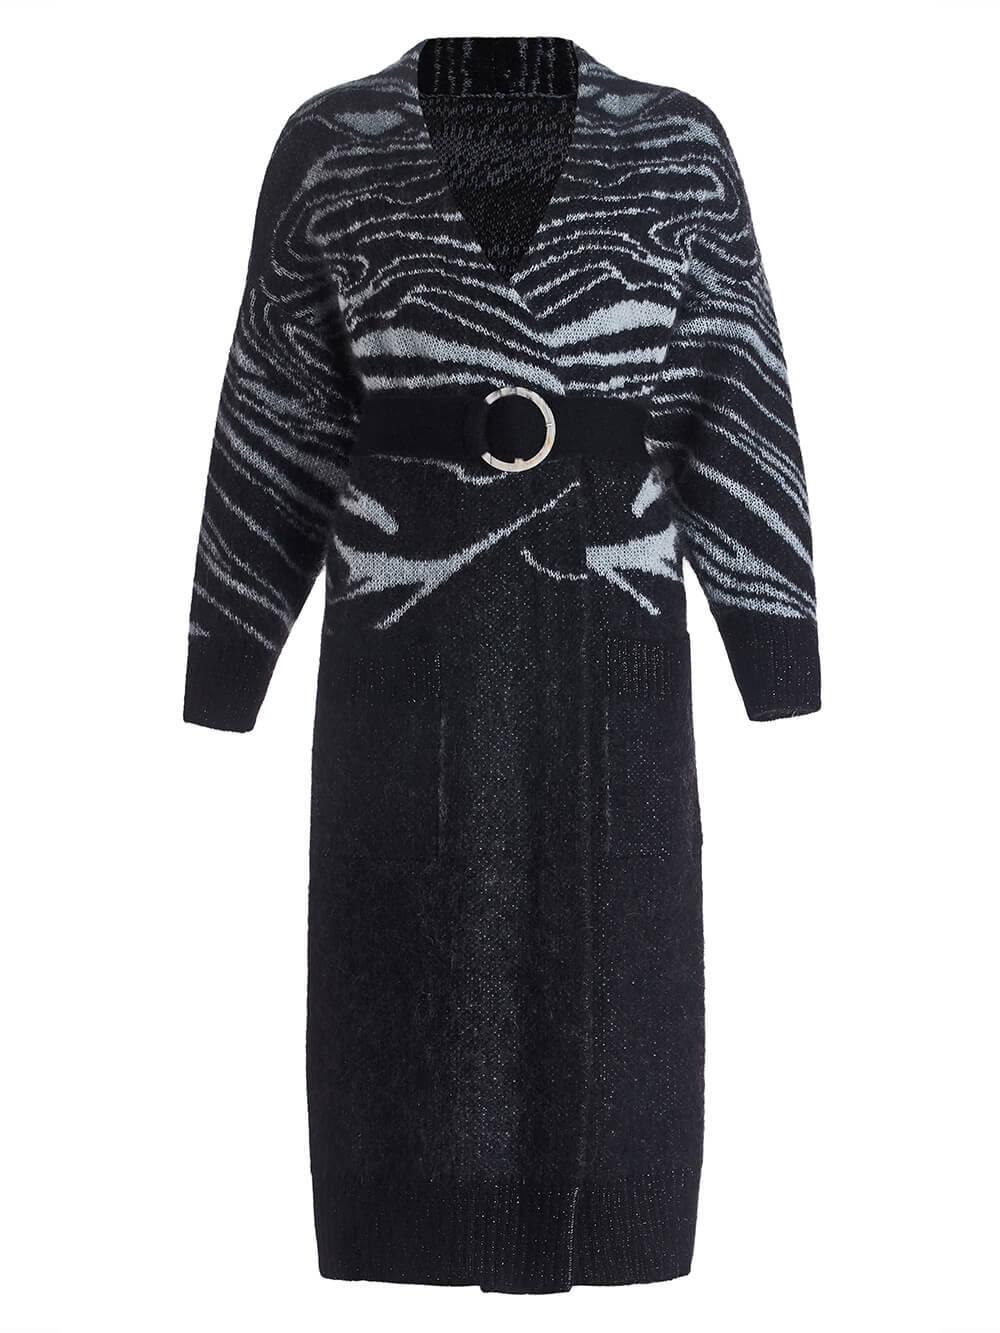 Женский кардиган черного цвета из мохера - фото 1